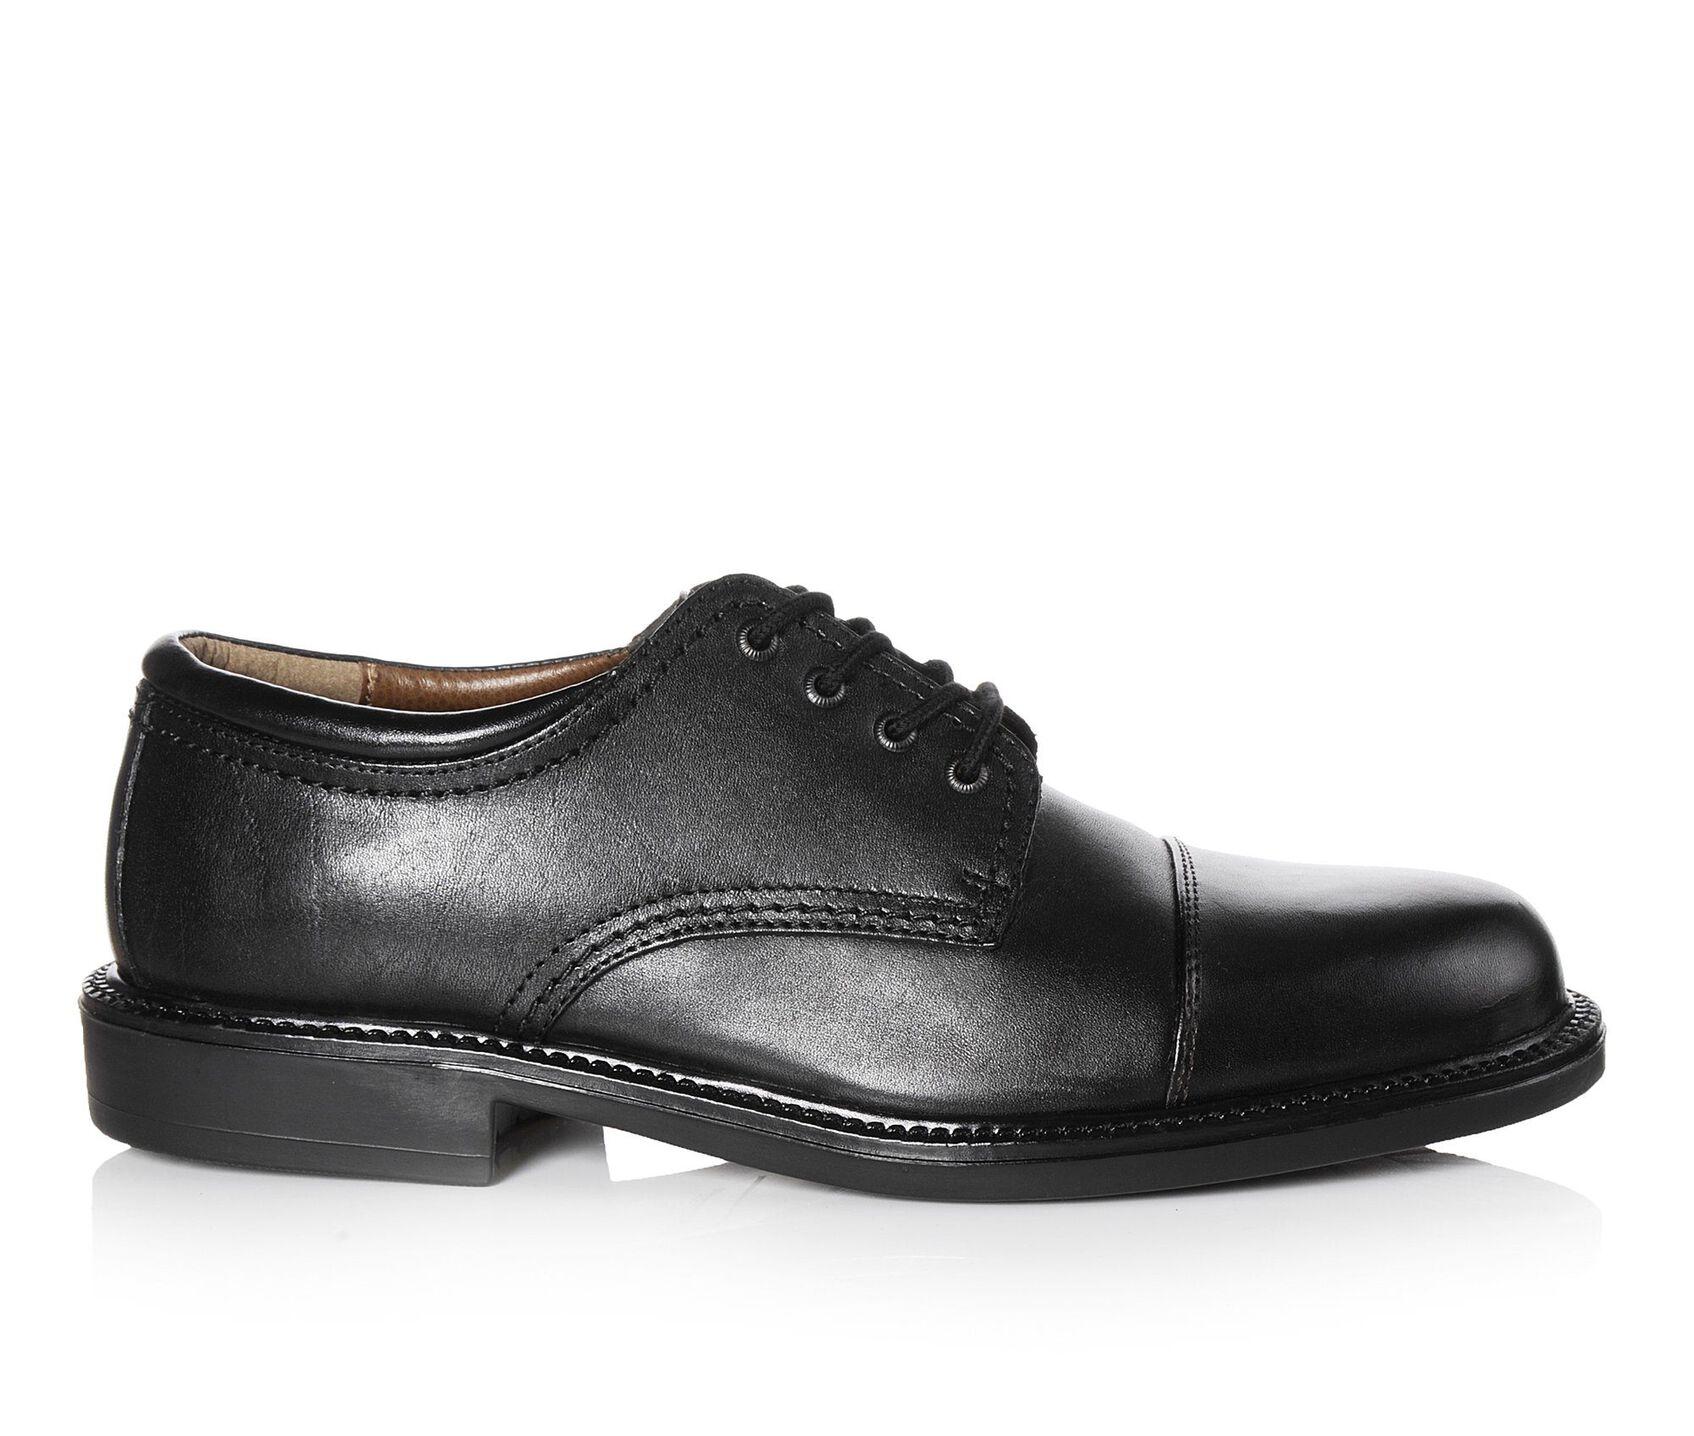 71063c8b03221 Men's Dockers Gordon Oxford Dress Shoes | Shoe Carnival